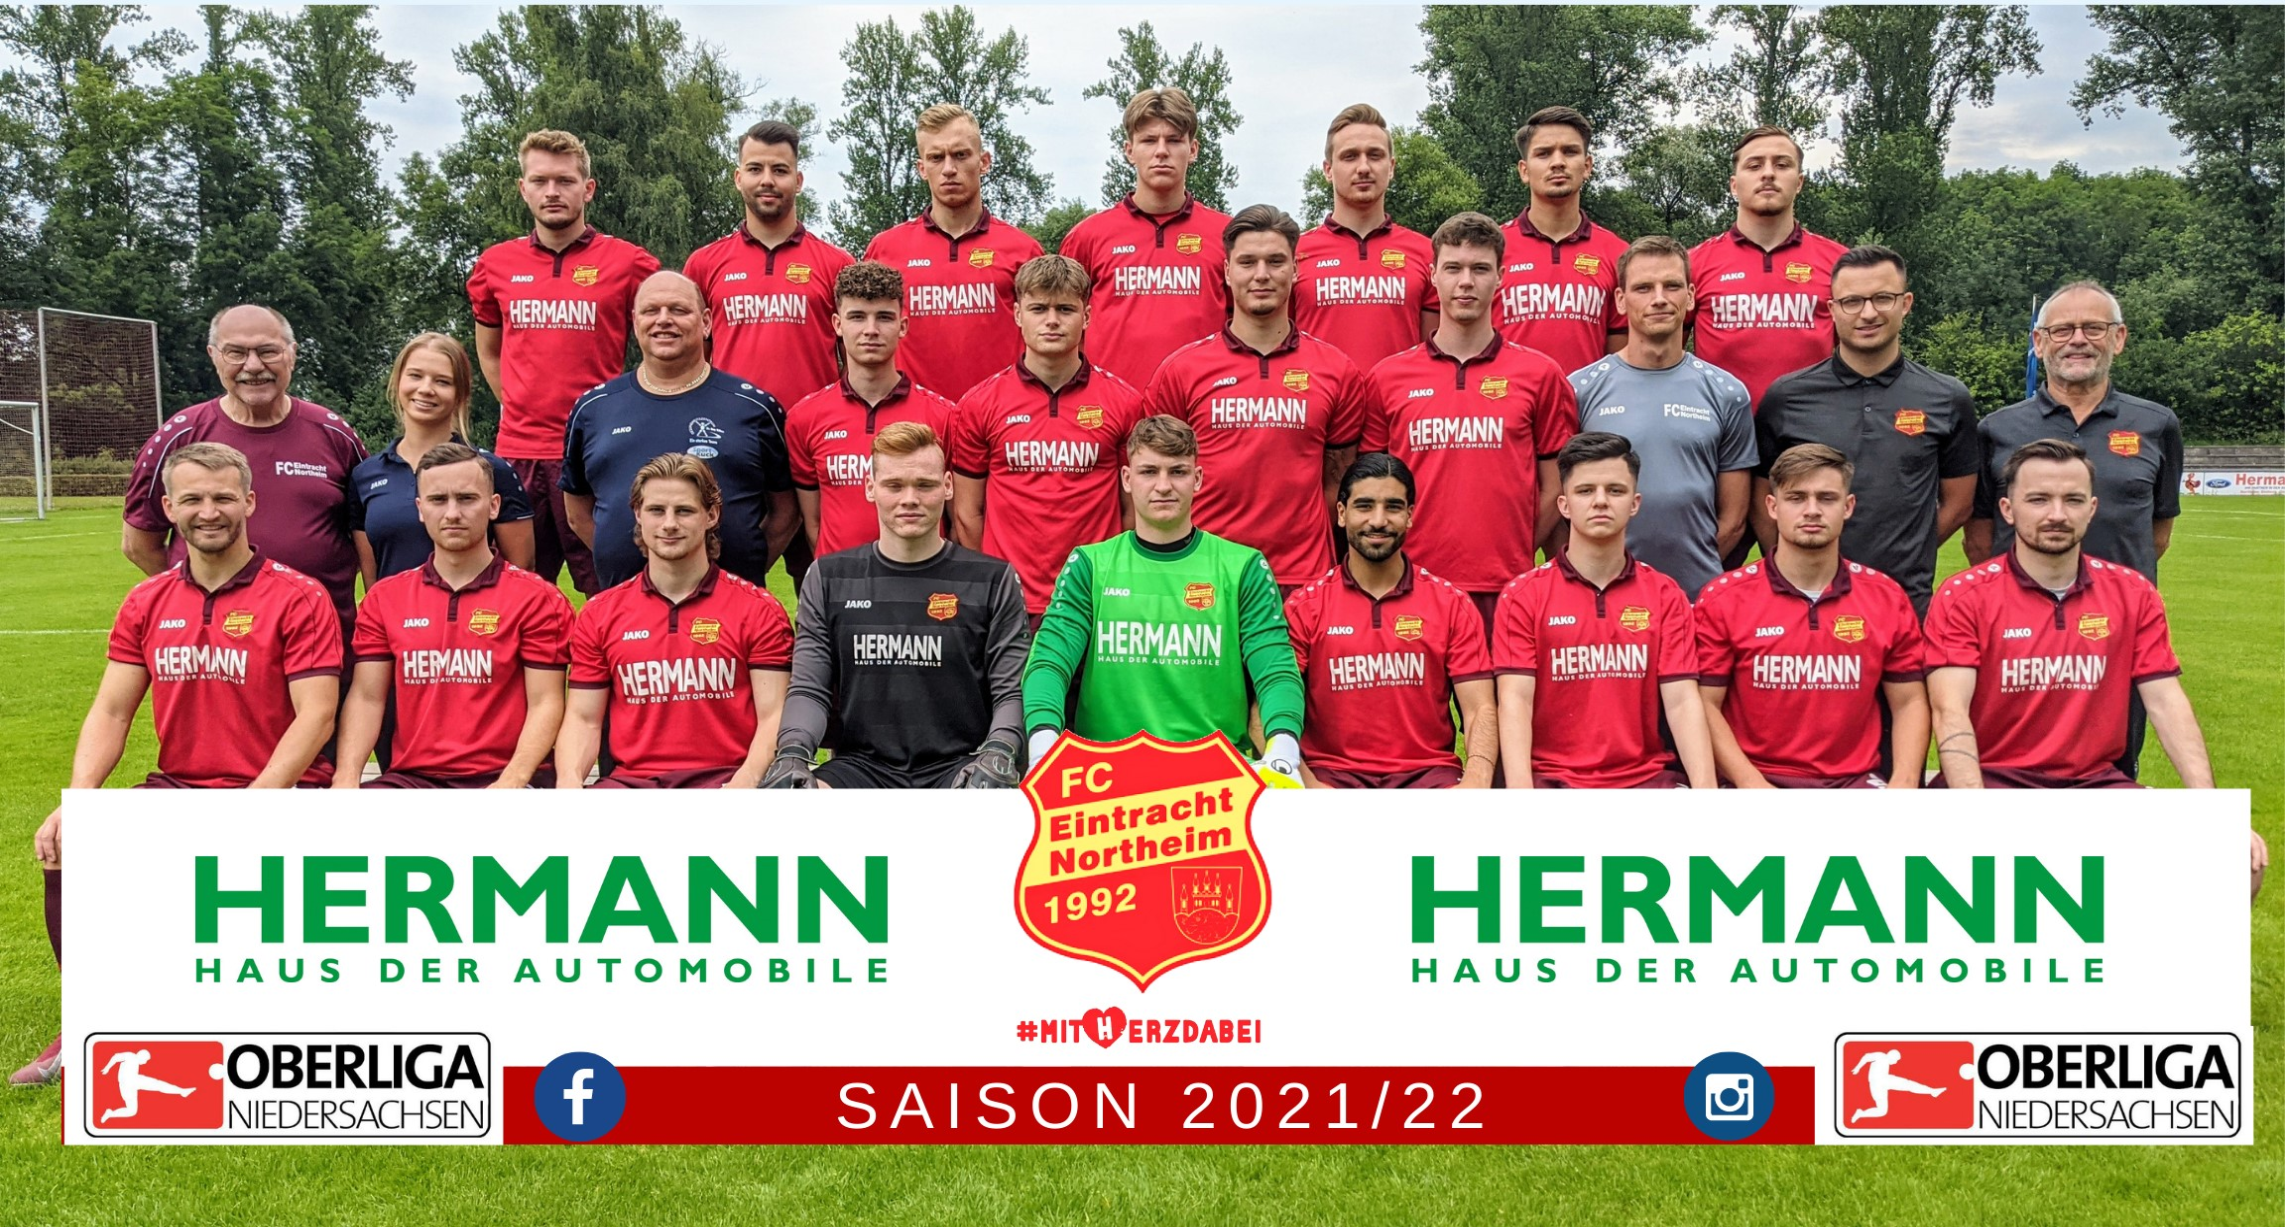 Mannschaftsfoto FC Eintracht